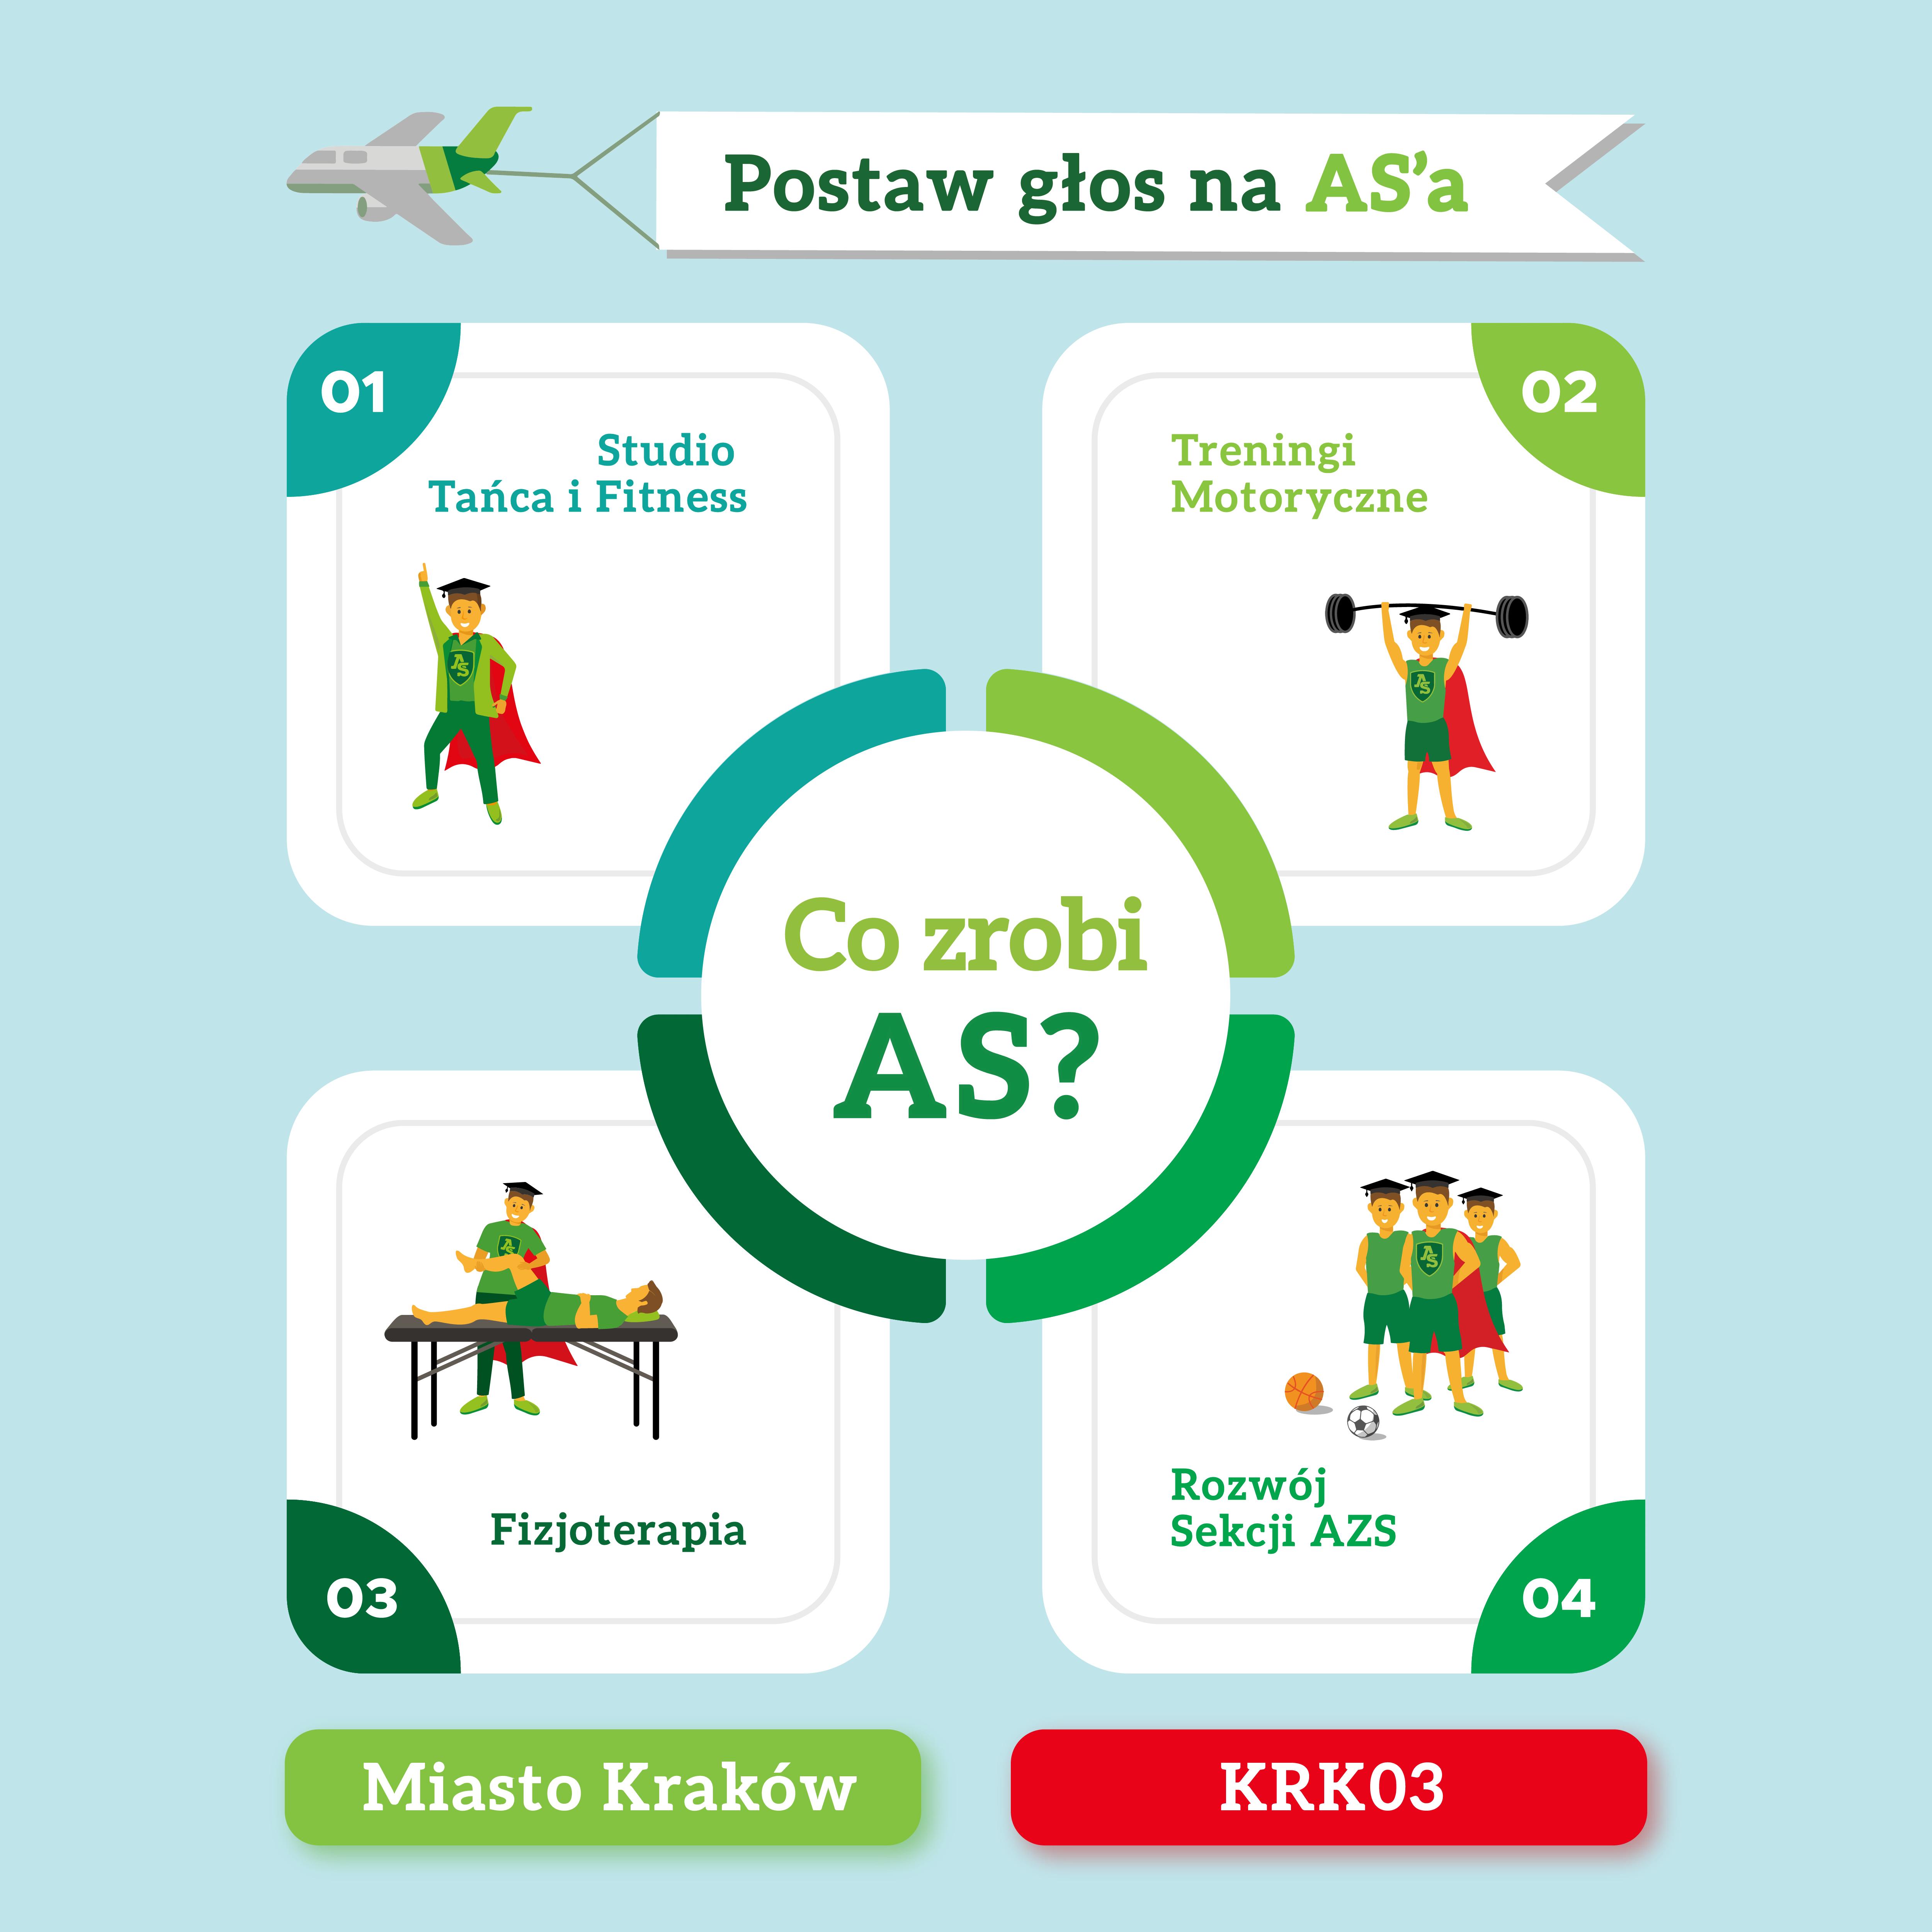 Budżet Obywatelski Województwa Małopolskiego Aktywny Student 2022 głosowanie KRK03